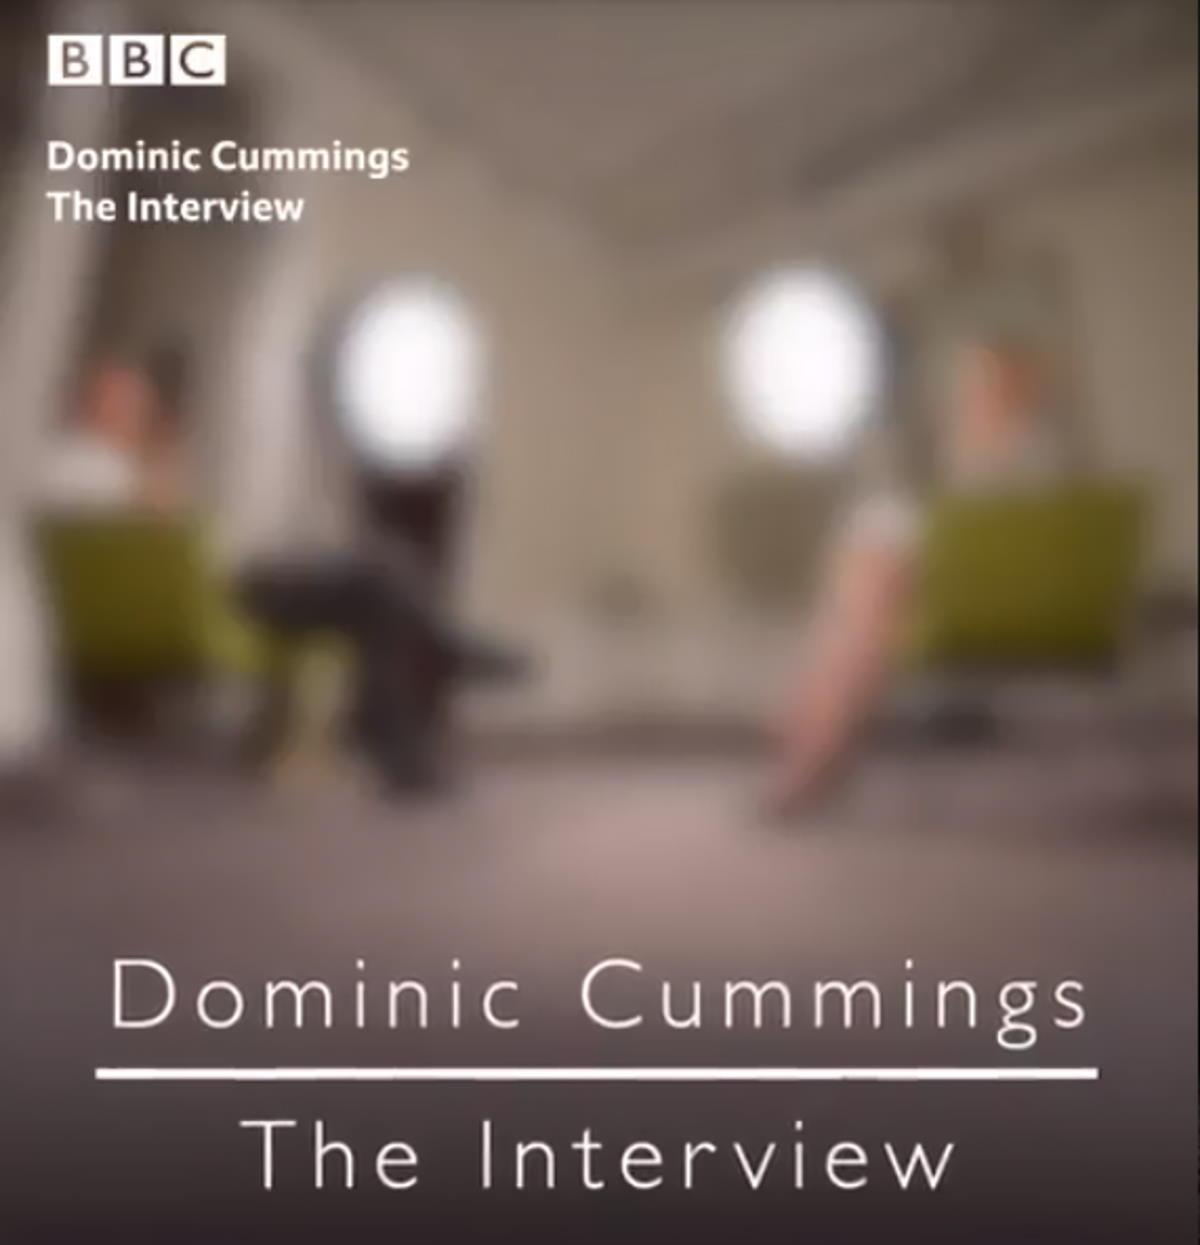 Guai in vista per Johnson per un'intervista rilasciata alla BBC da Dominic Cummings